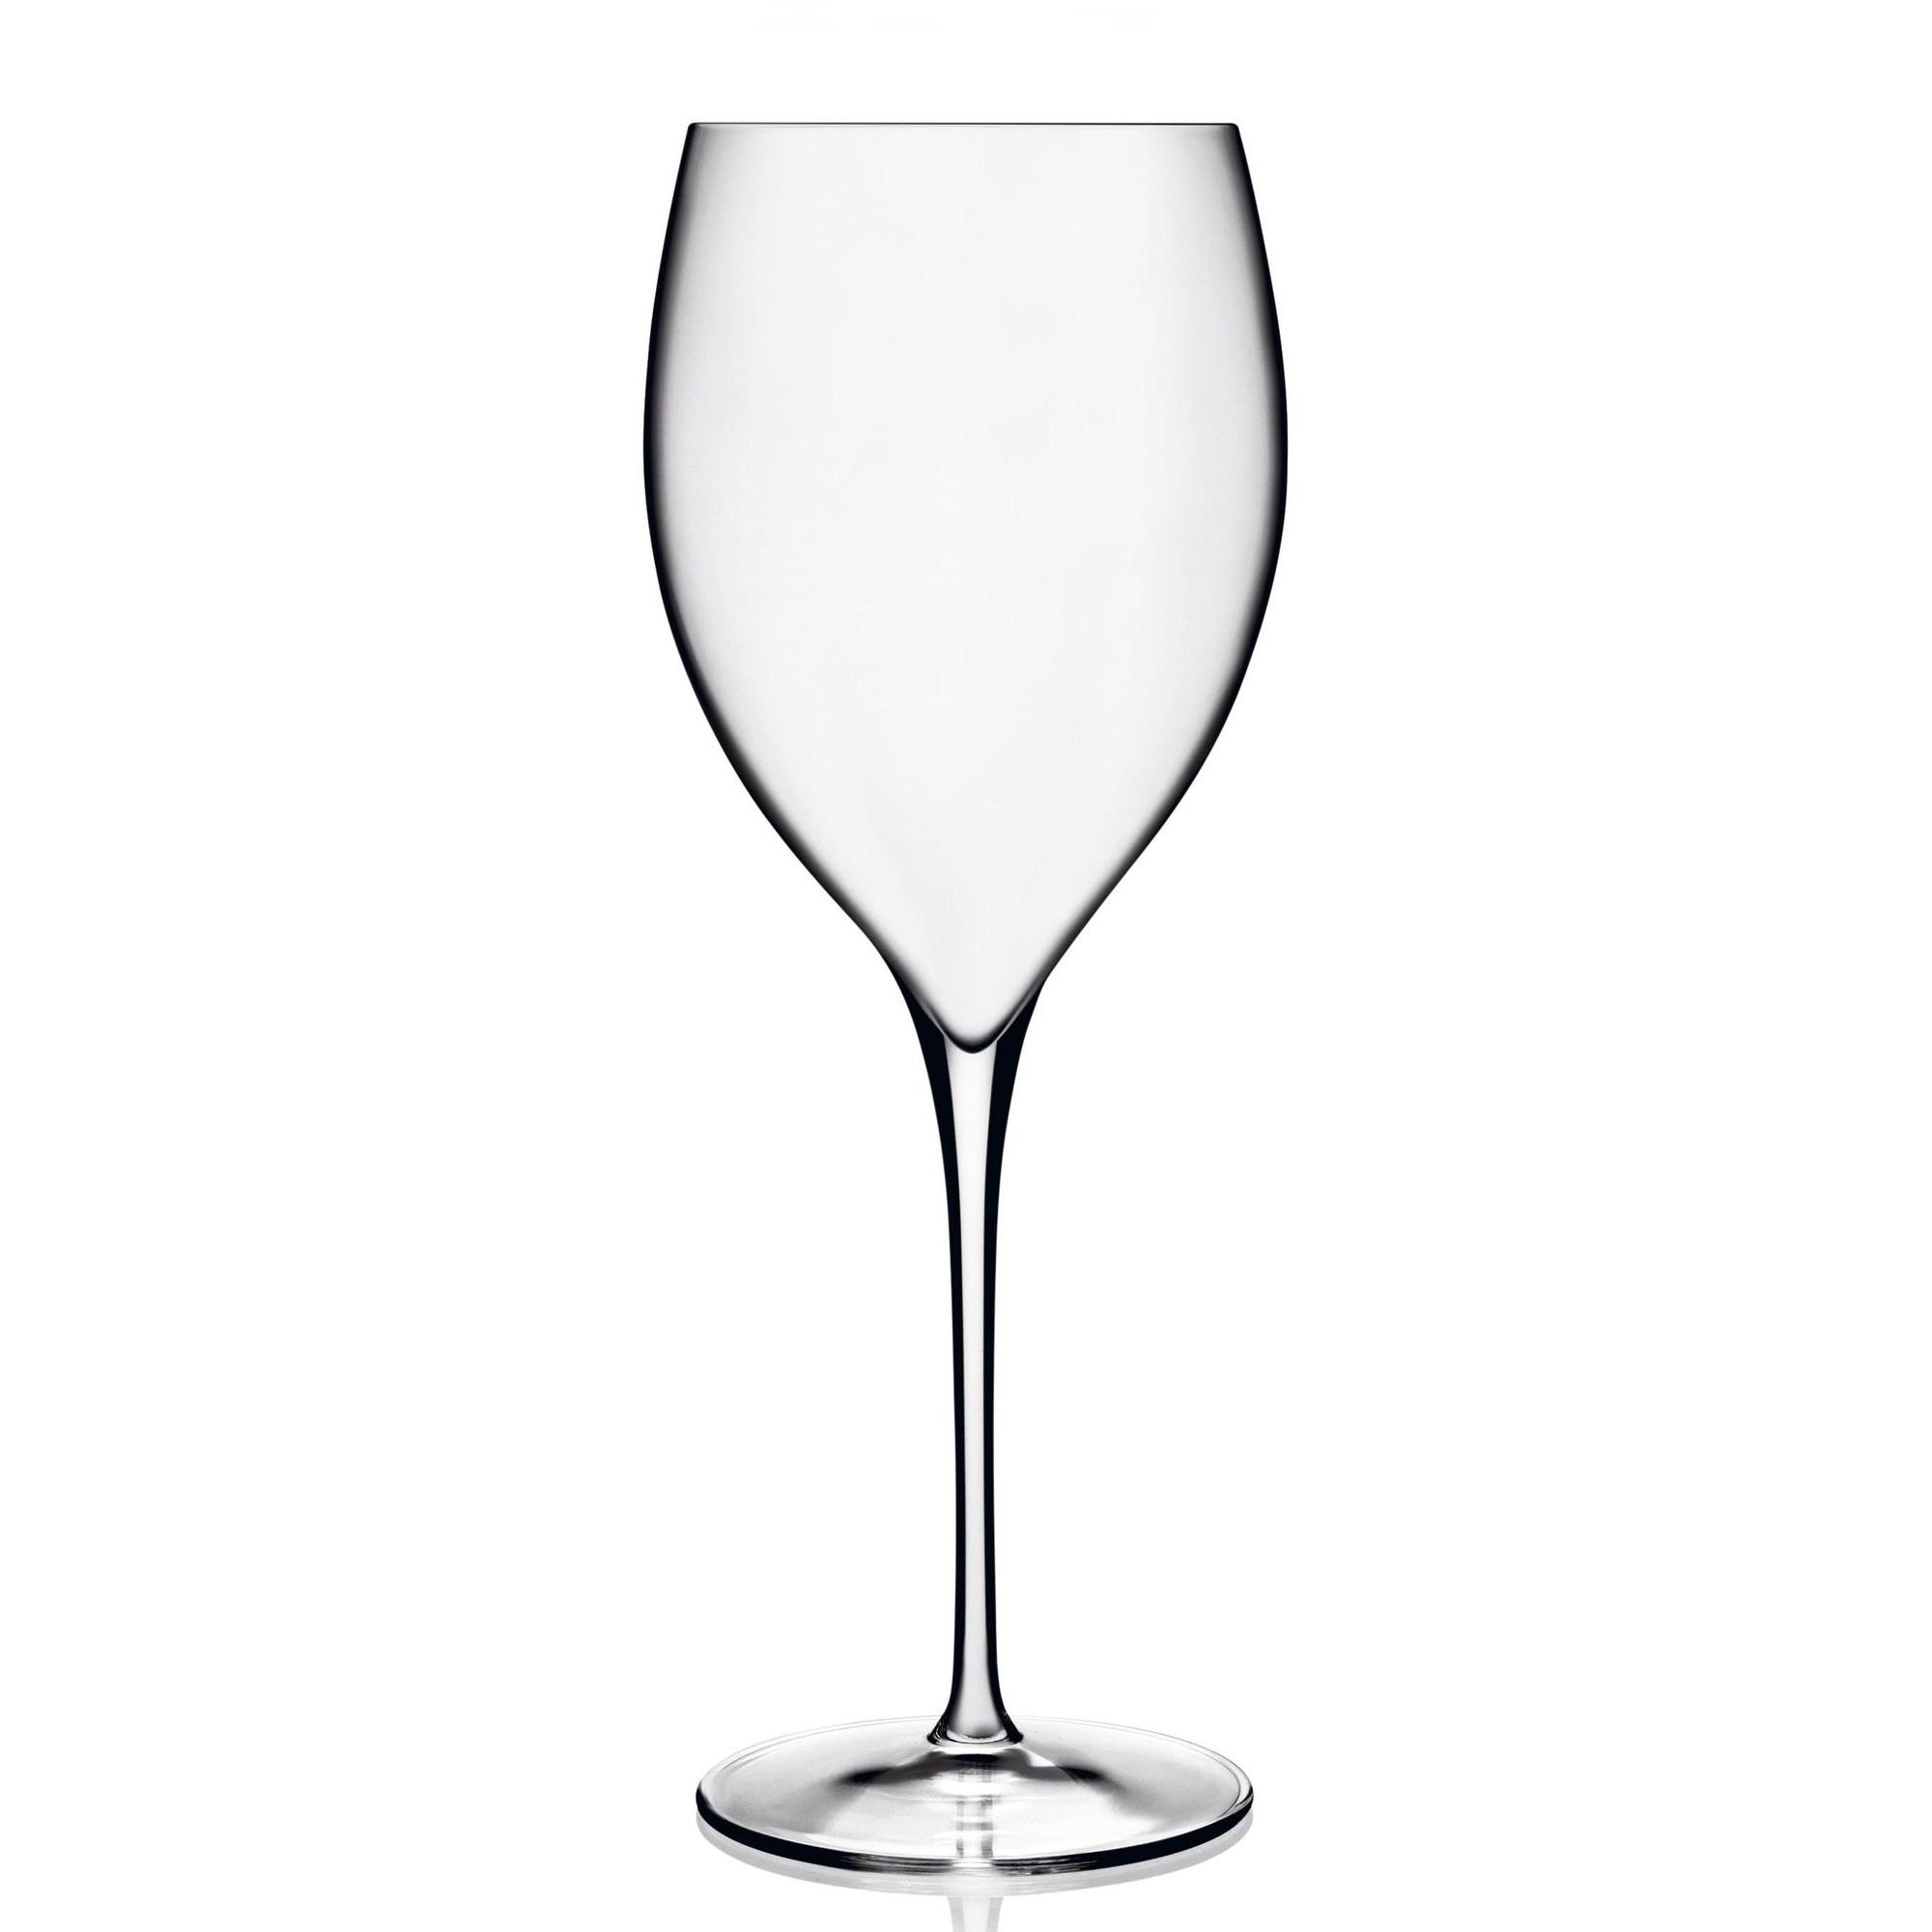 Luigi Bormioli Magnifico rödvinsglas stora (2 st)